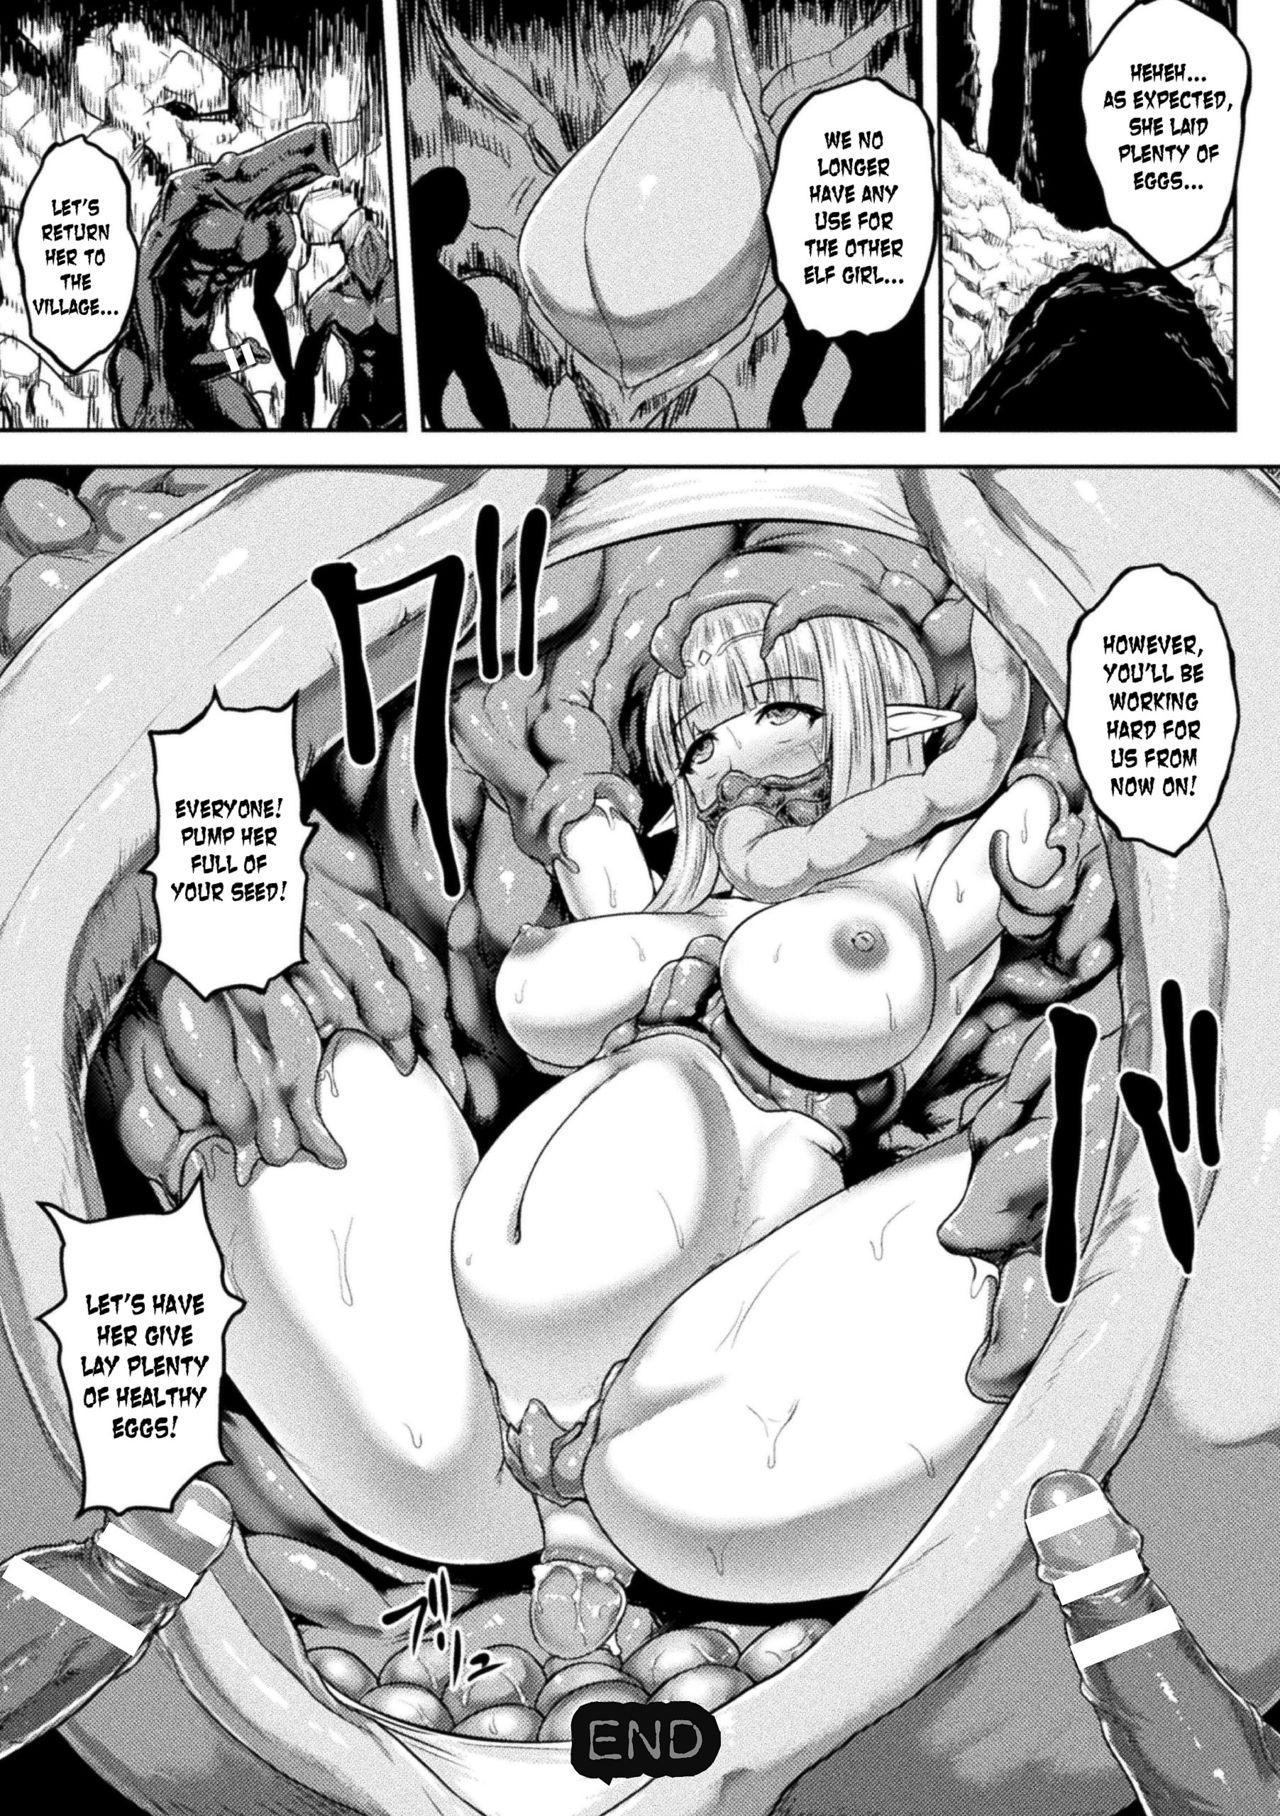 [Ishimiso] Niku no Mori ~Naedoko ni Sareta Elf~   The Forest of Flesh (2D Comic Magazine Marunomi Haramase Naedoko Acme! Vol. 2) [English] [desudesu] [Digital] 19